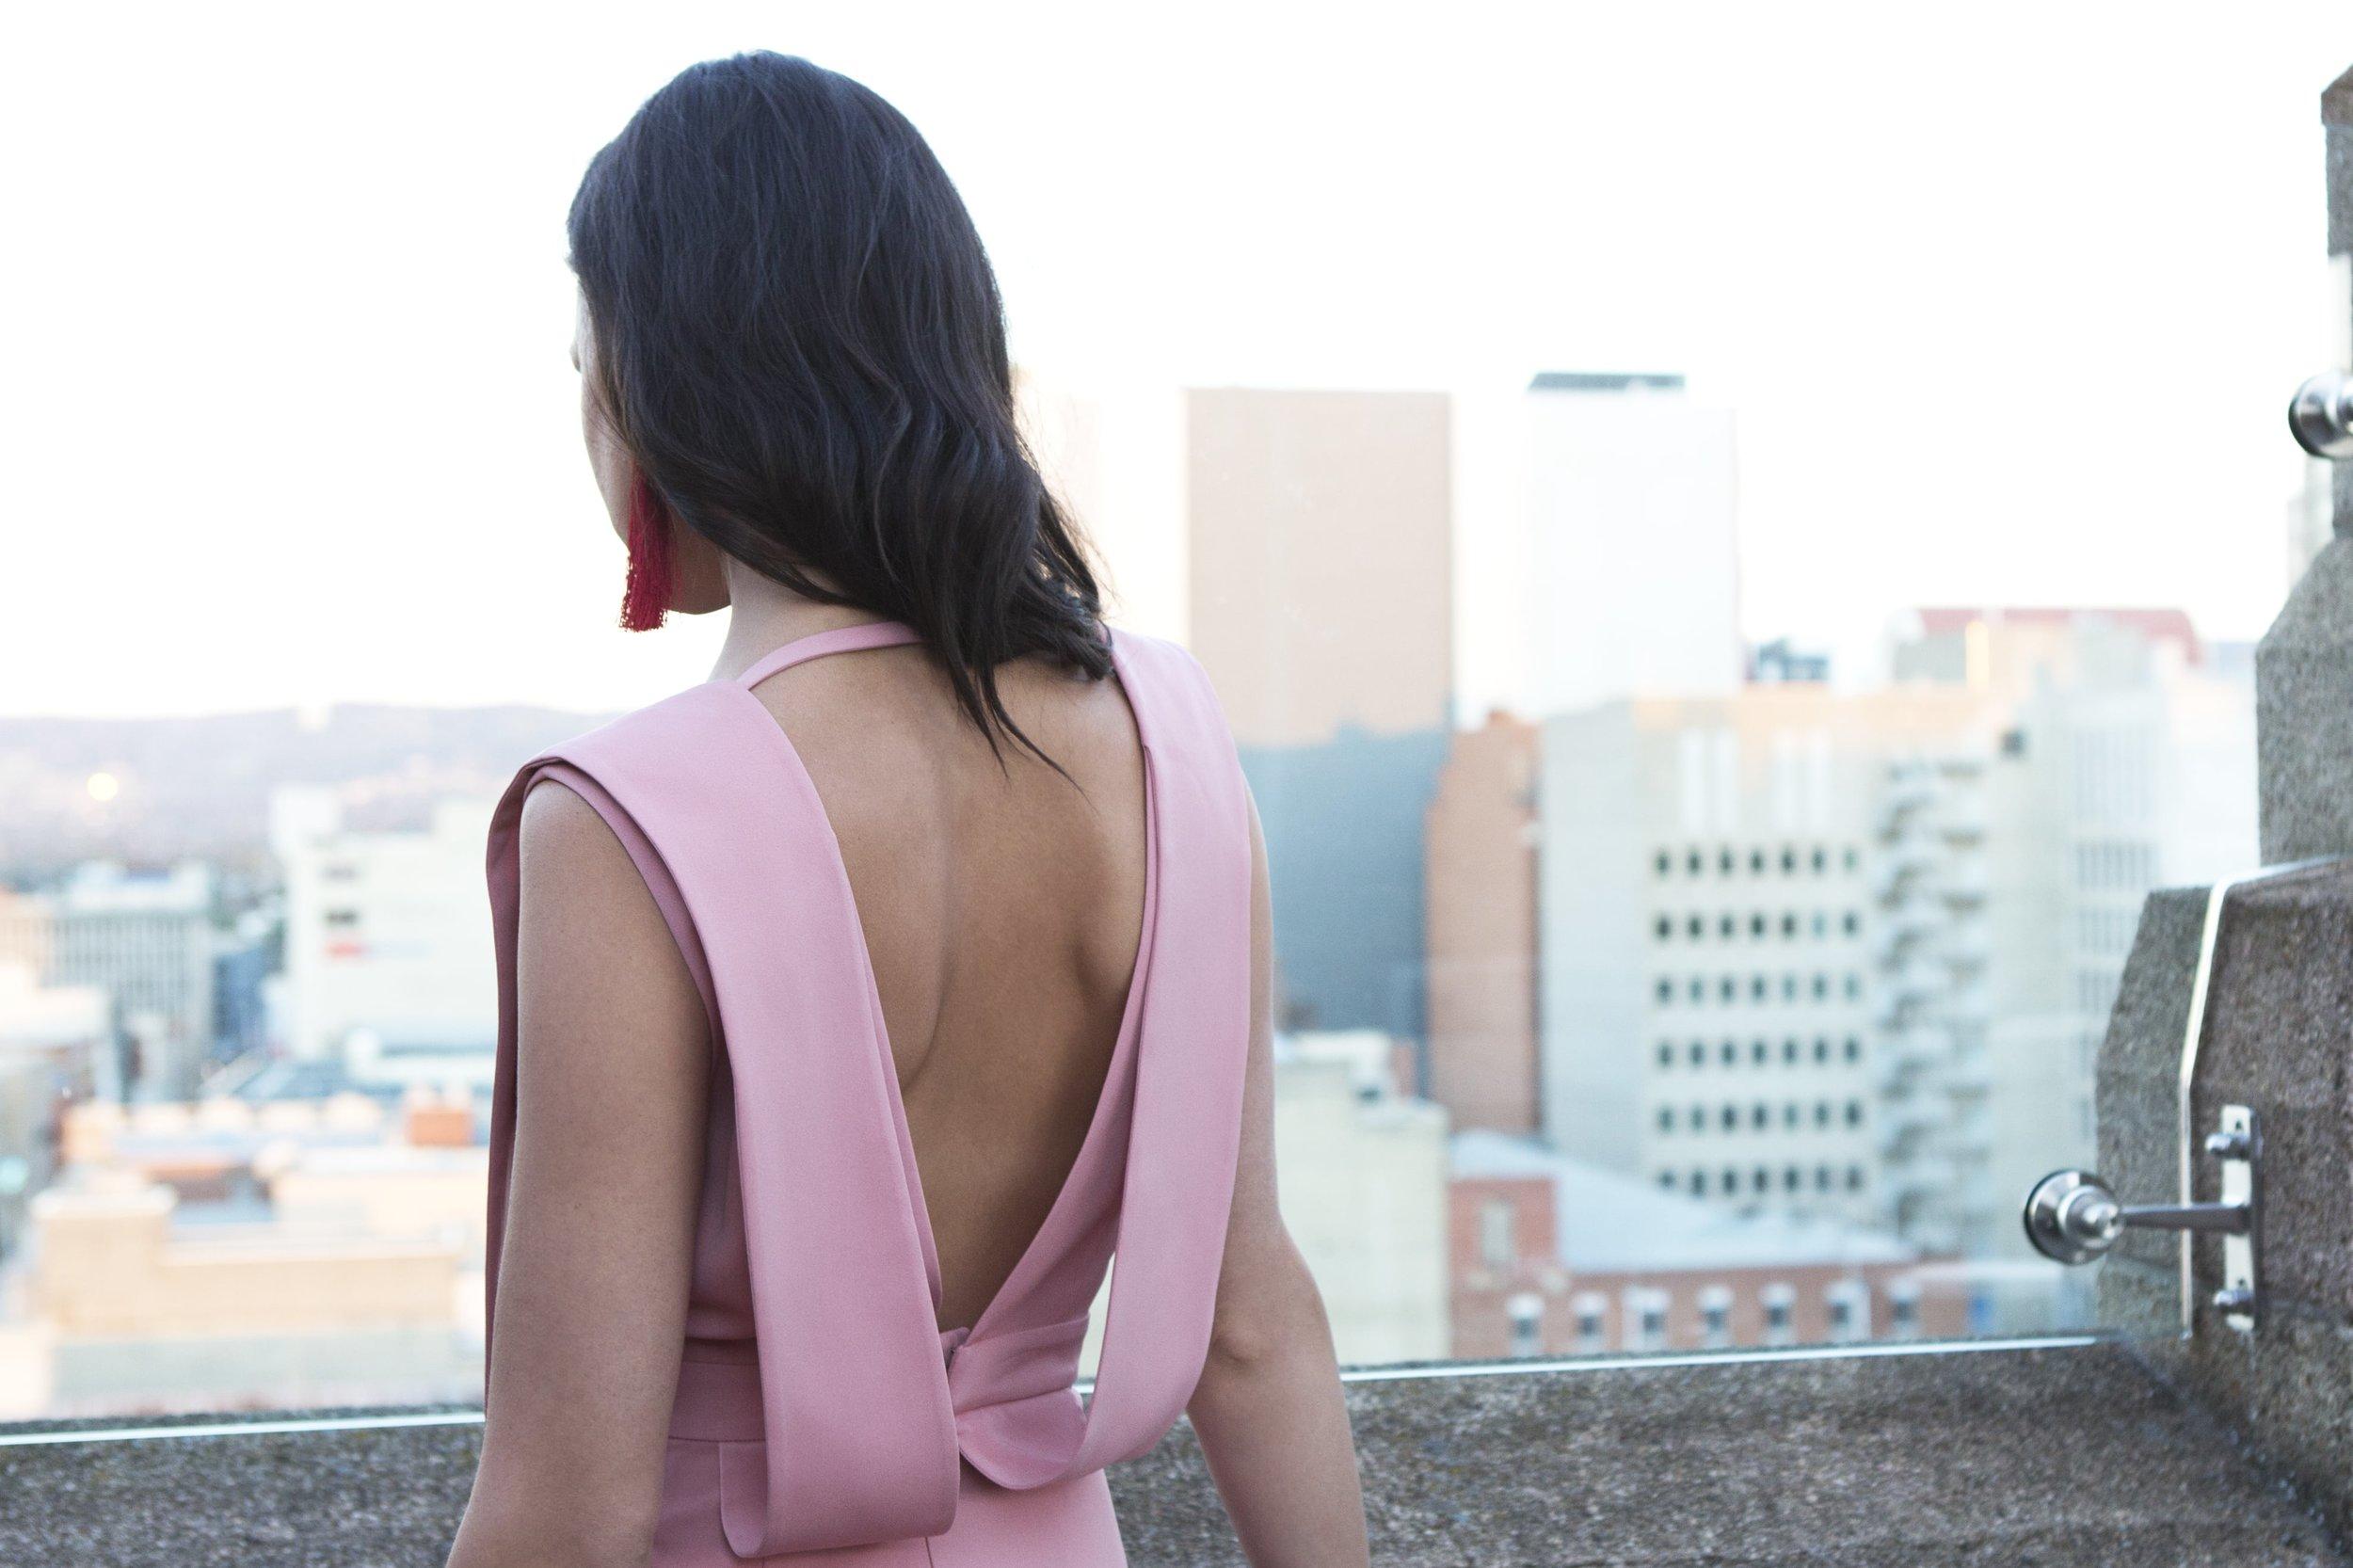 Keepsake Awakening Dress (coming soon).